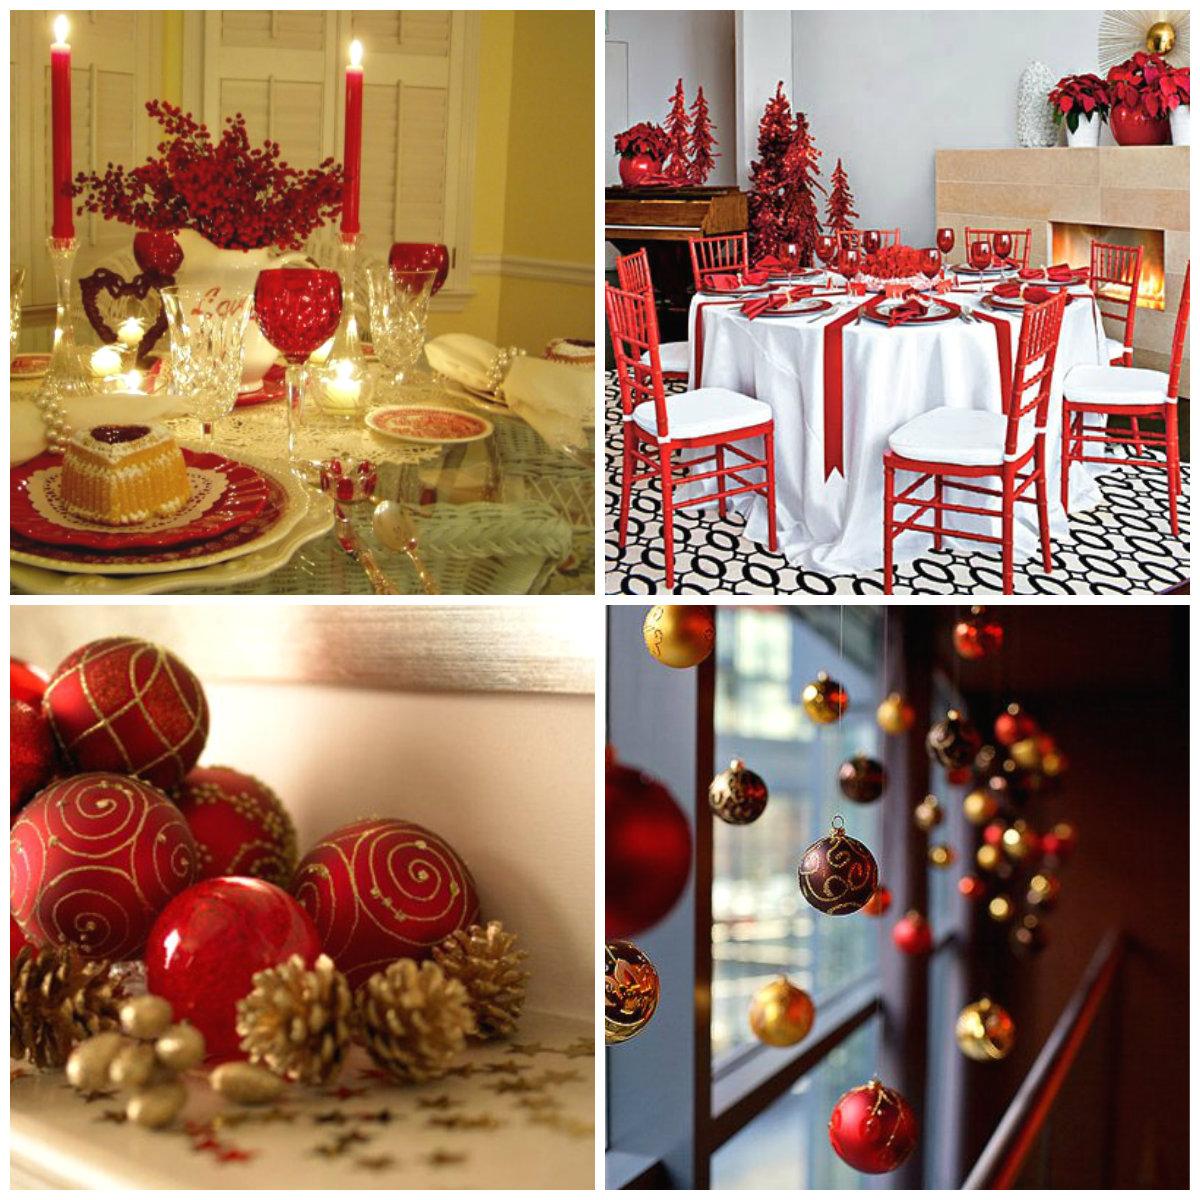 Decoraci n de navidad original y creativa todo con las flores decorar crear degustar - Decoracion de navidad 2015 ...